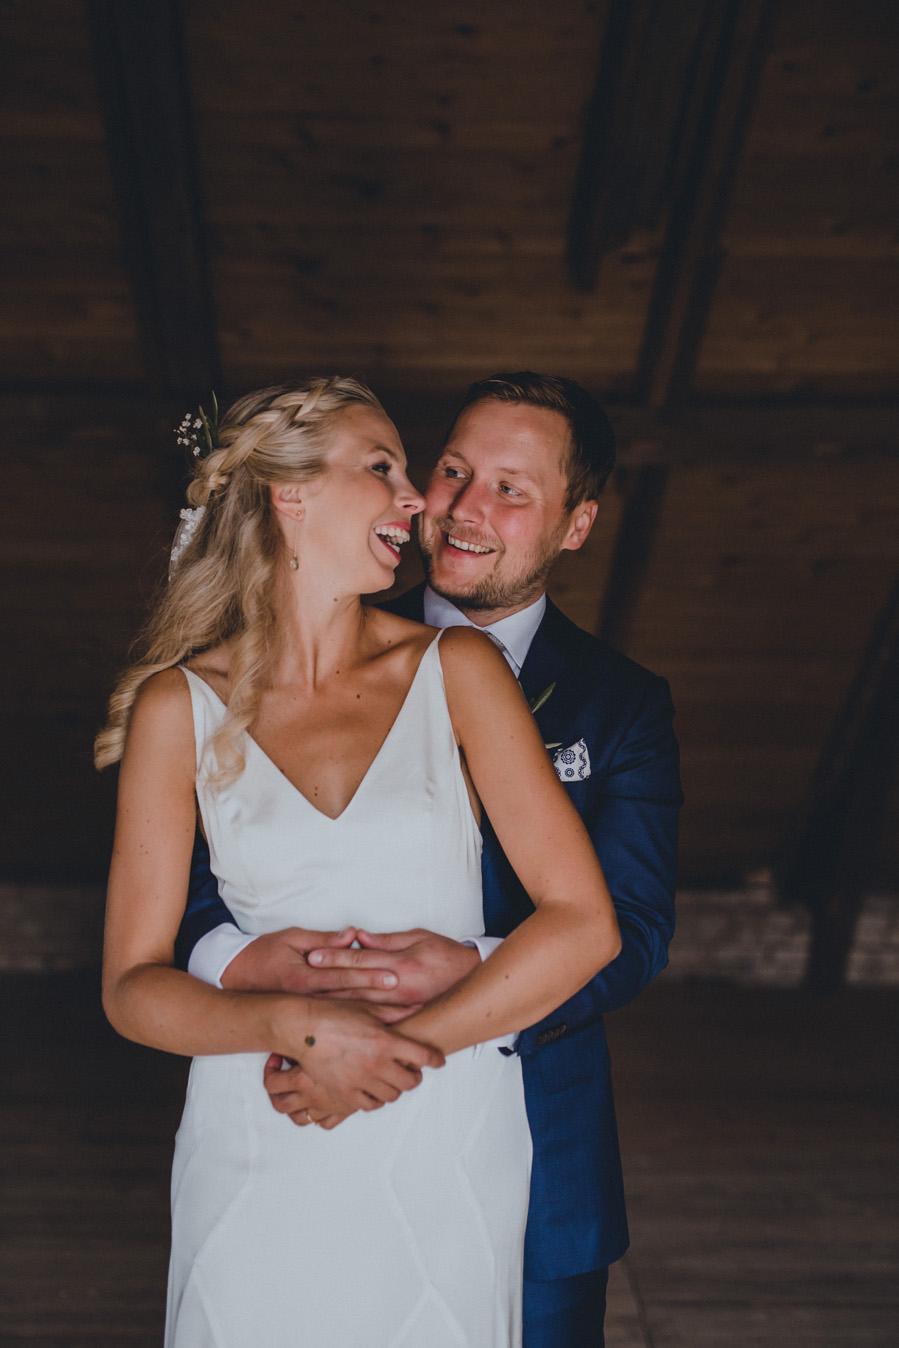 bröllop,glädje,lada